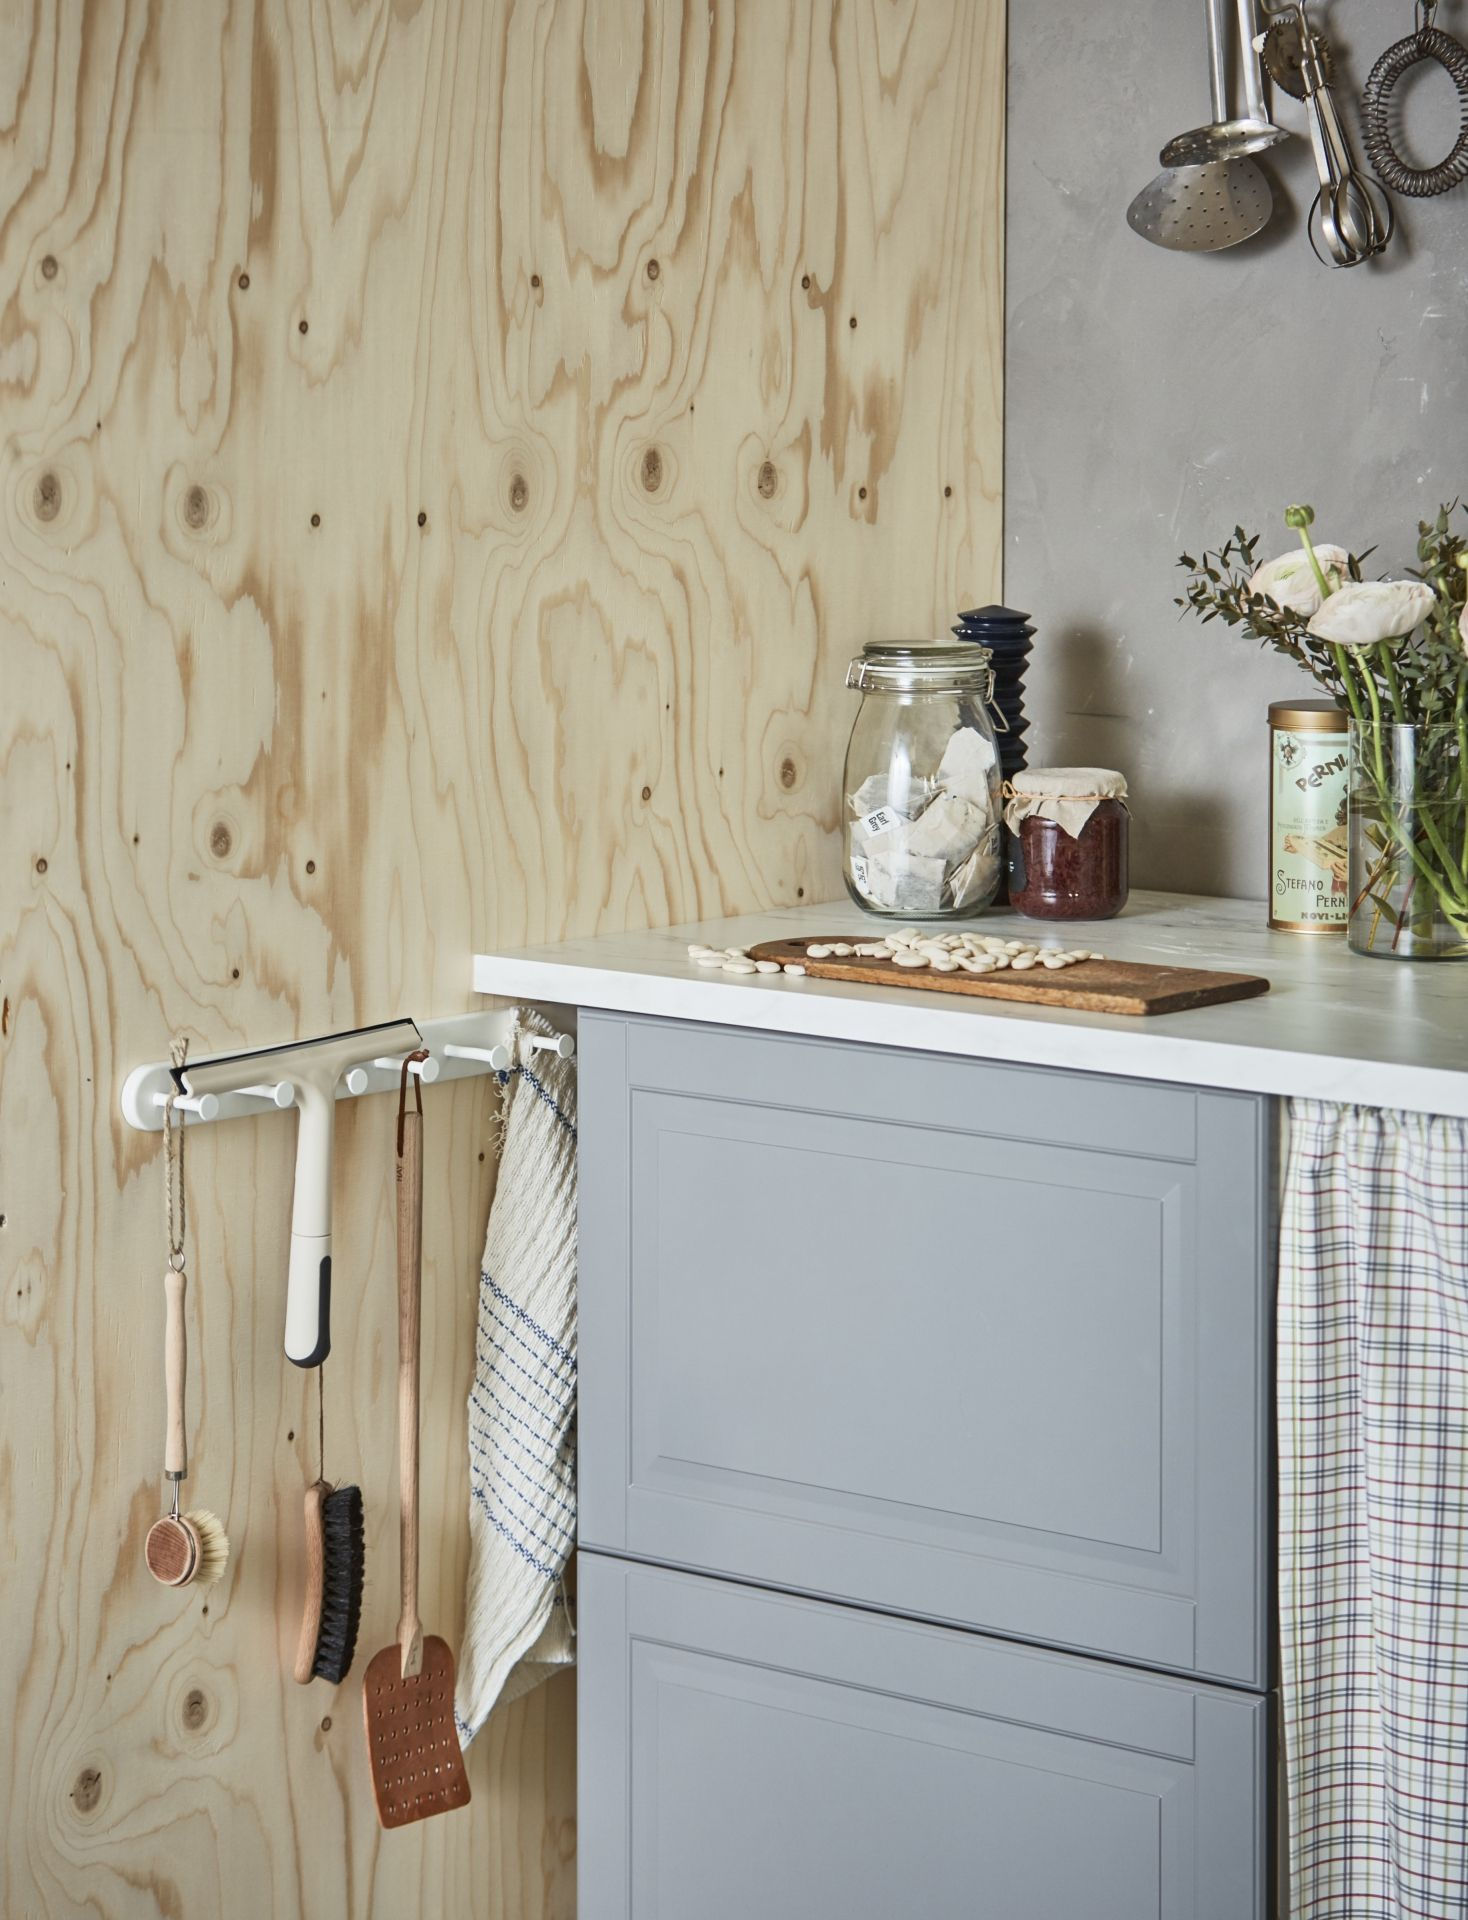 Kea Deutschland Nutze Die Lücken In Deiner Metod Küche Clever Aus